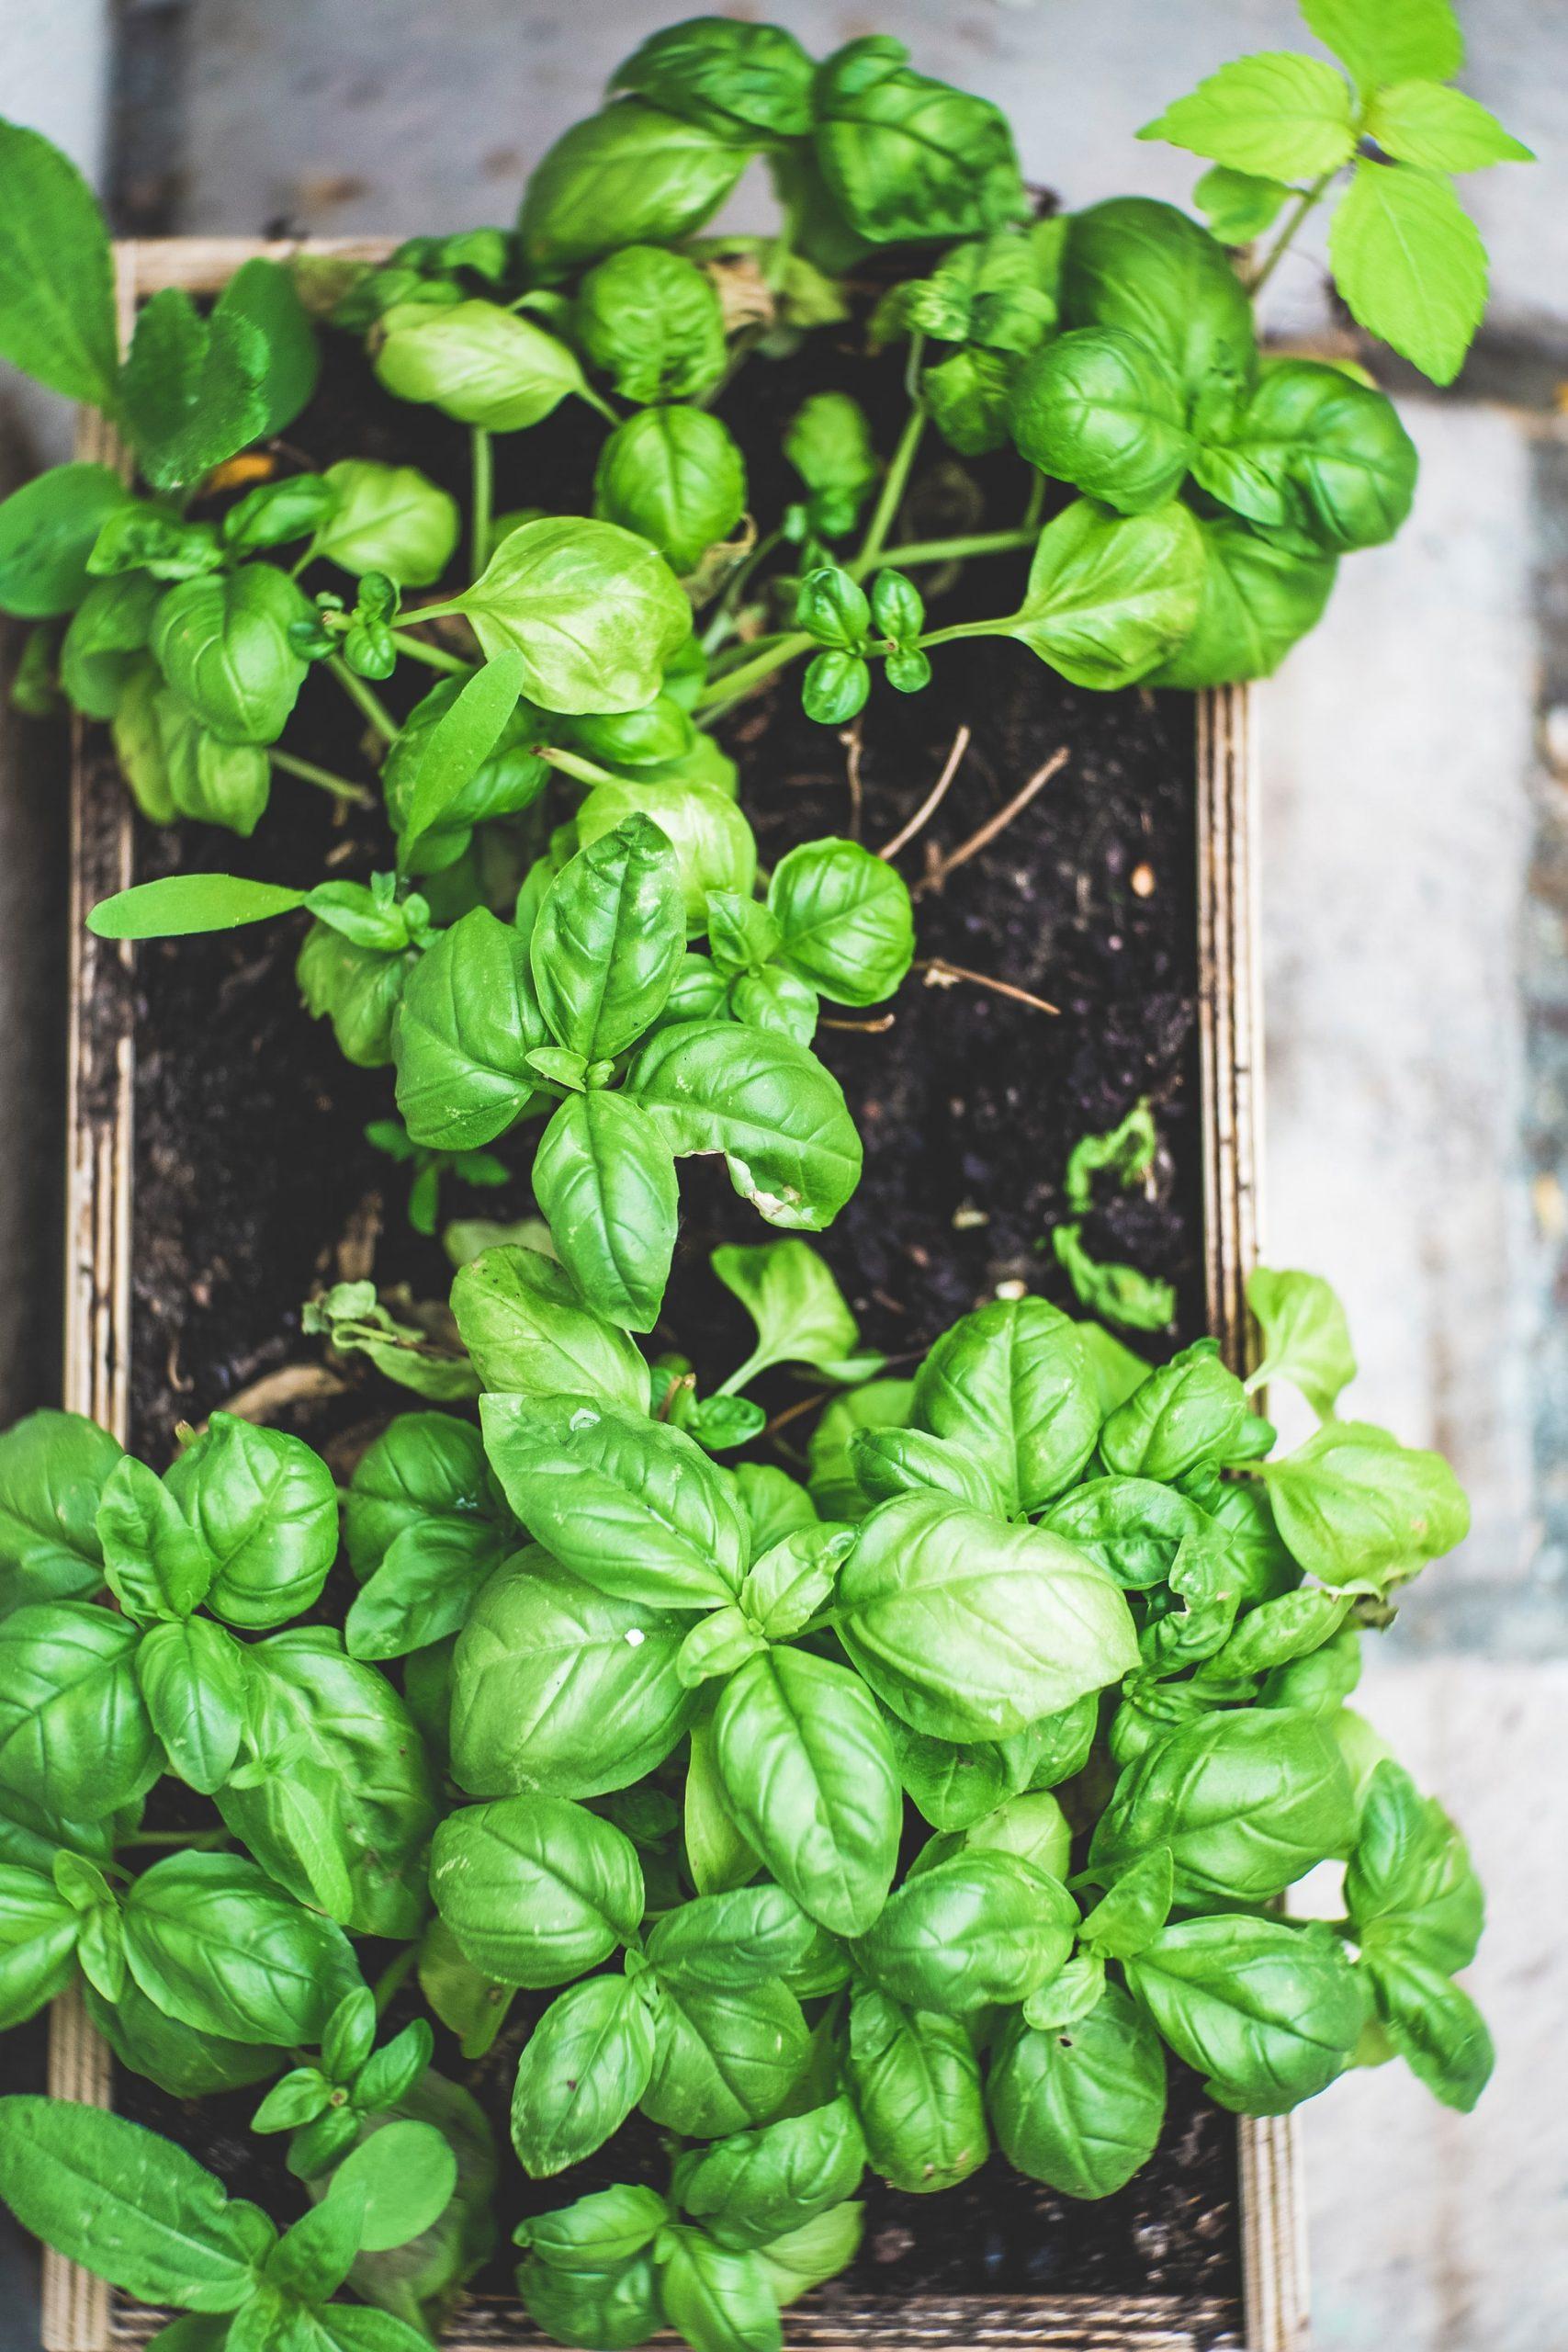 Vibrant green basil plant for Pasta alla Norma